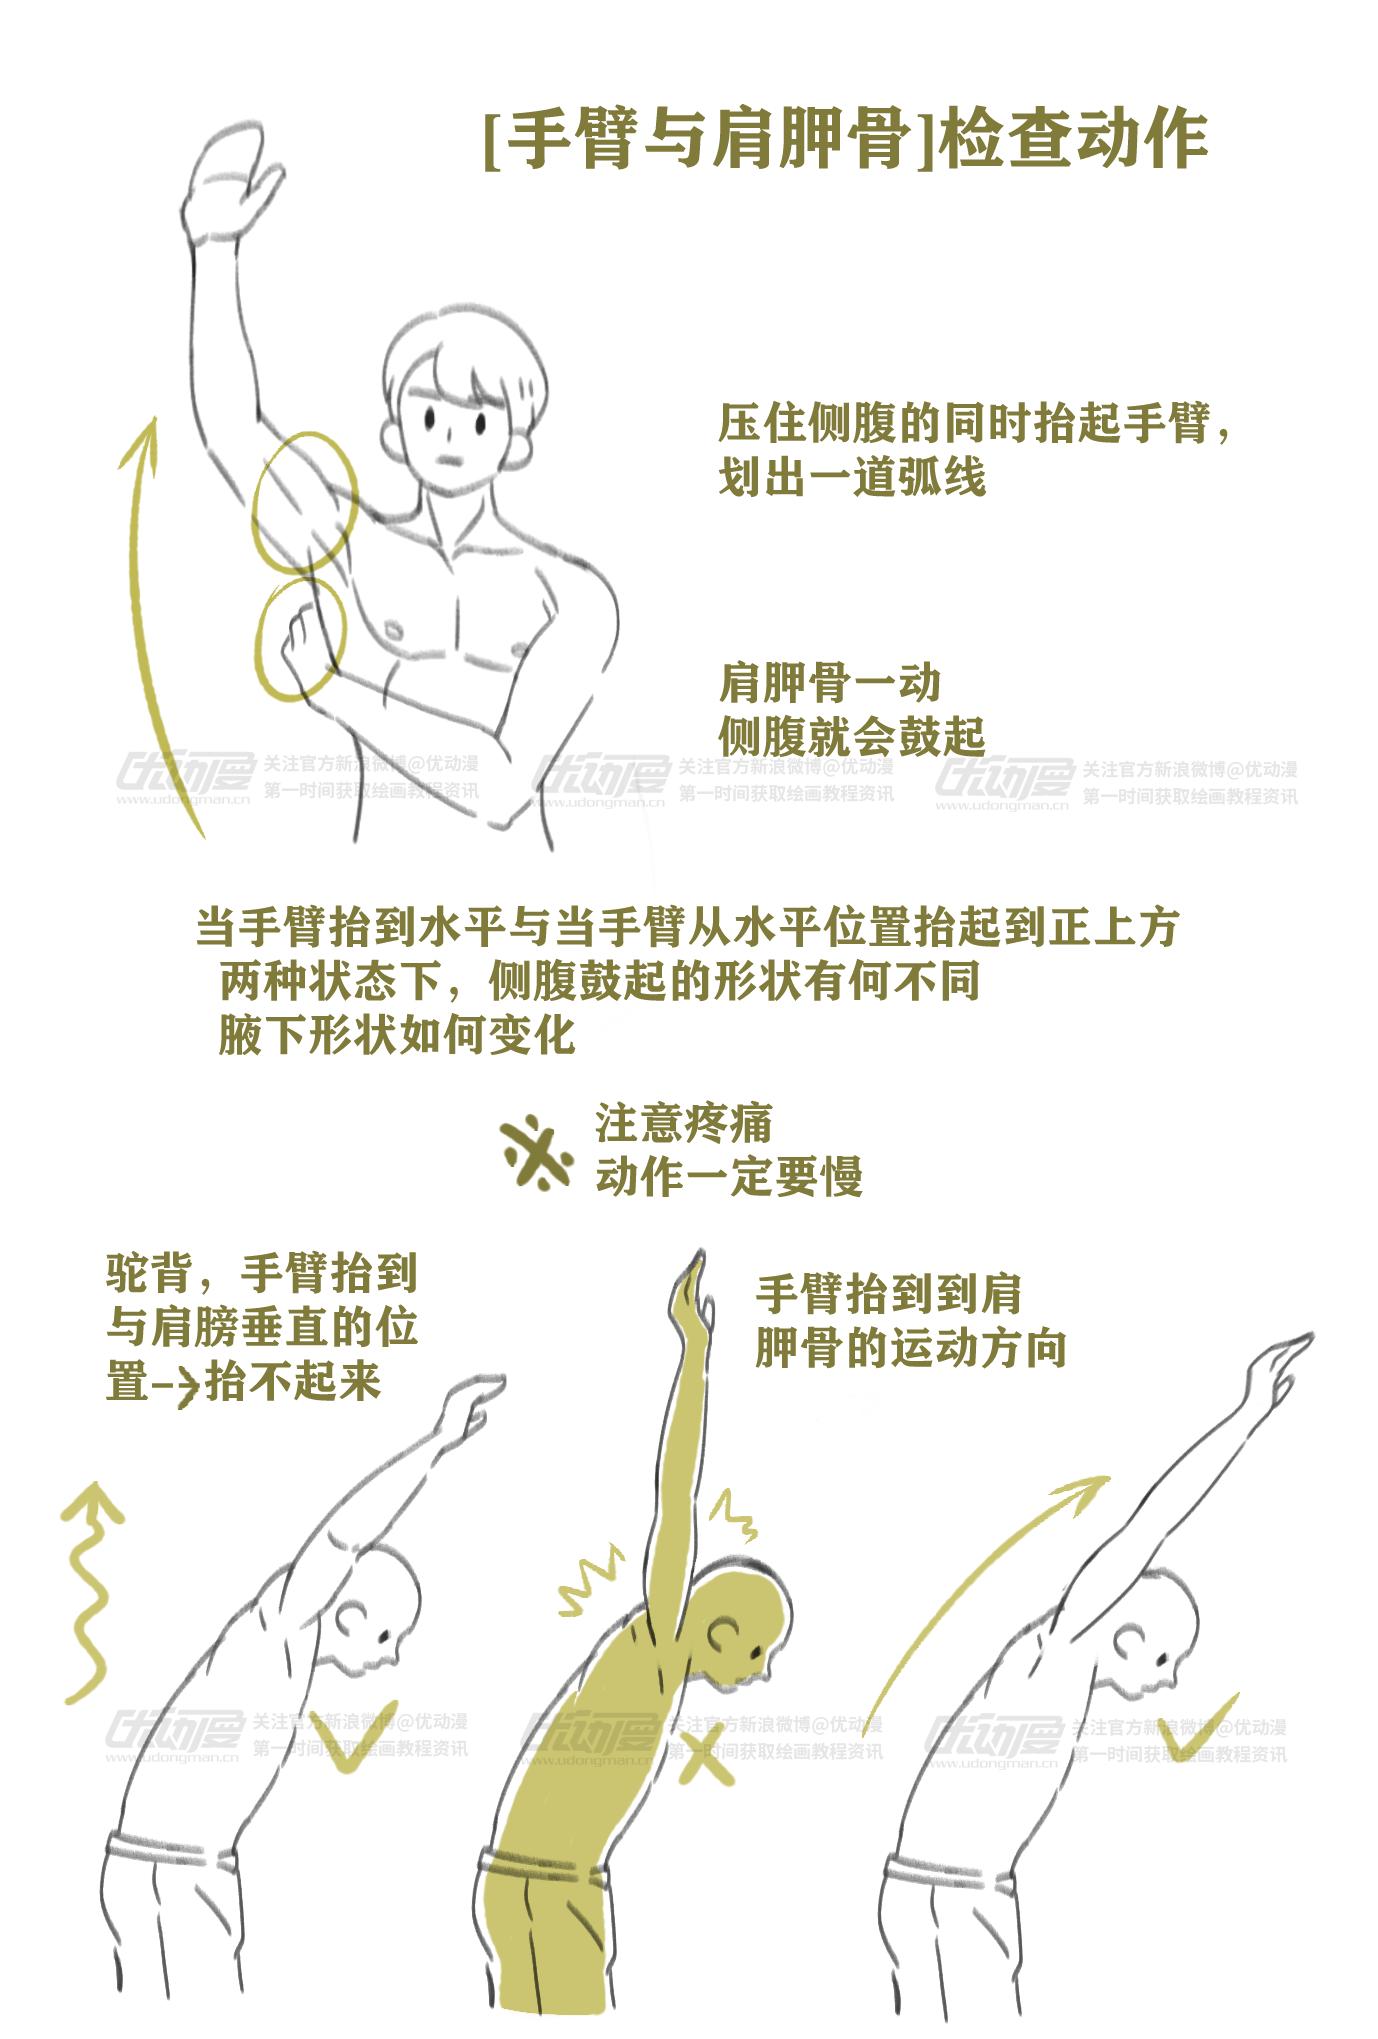 肌肉的绘制教程4.png